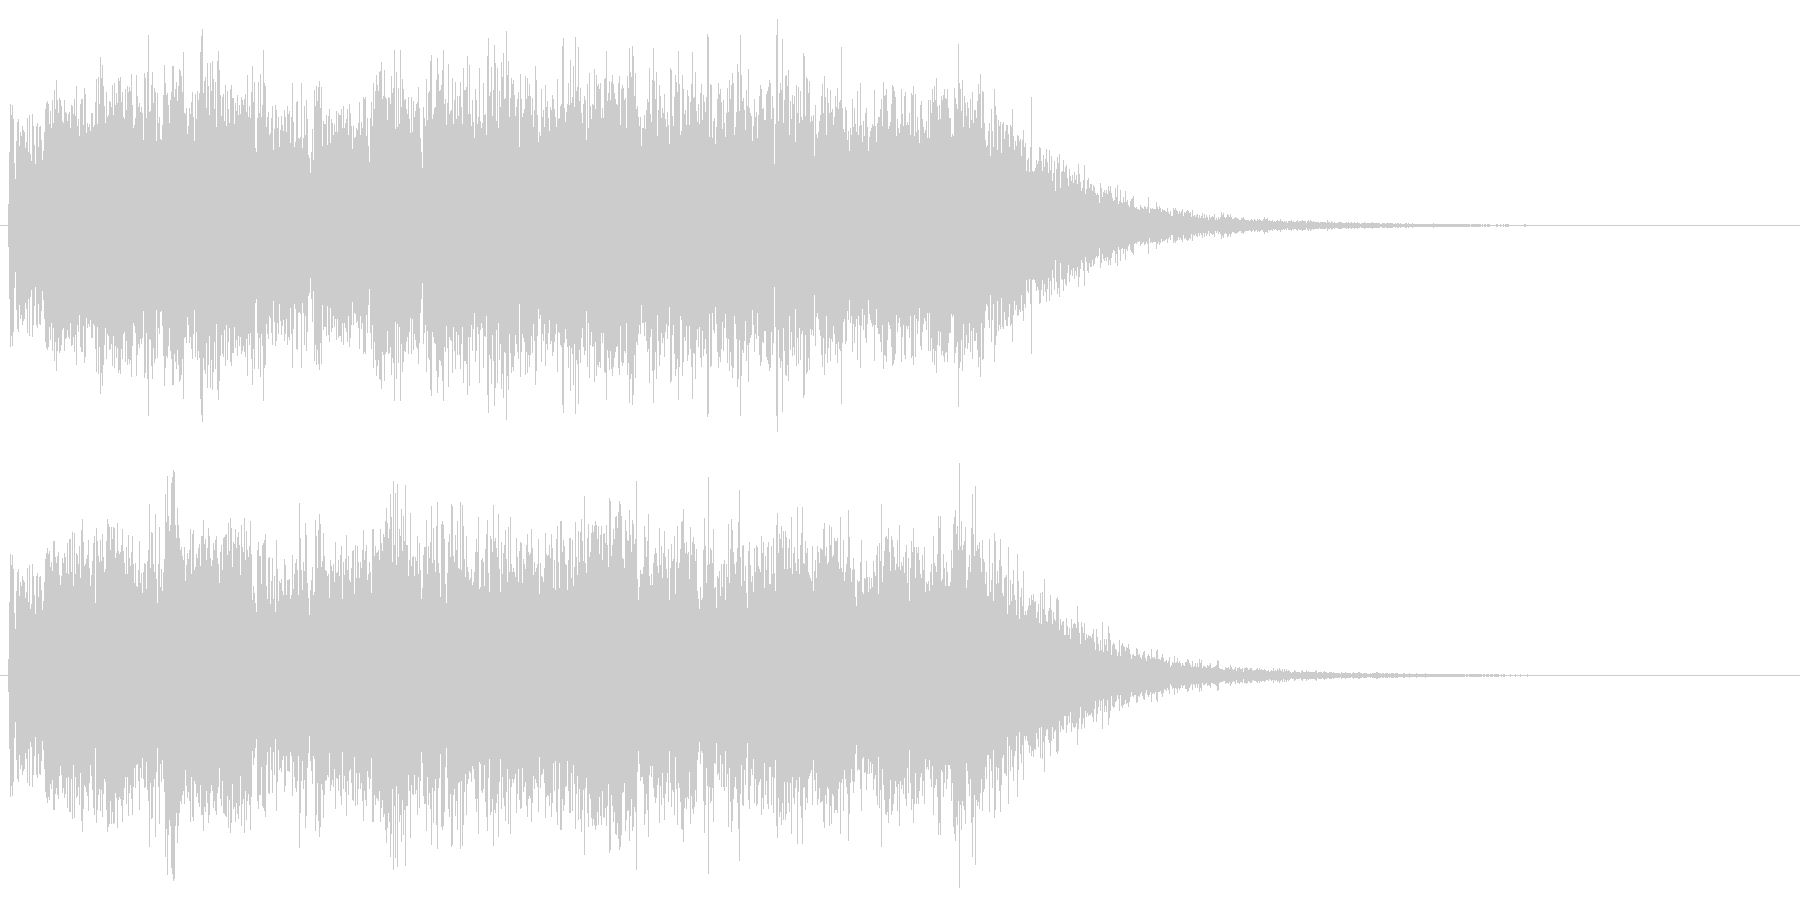 ヘヴィーメタルなギターのキメフレーズ の未再生の波形